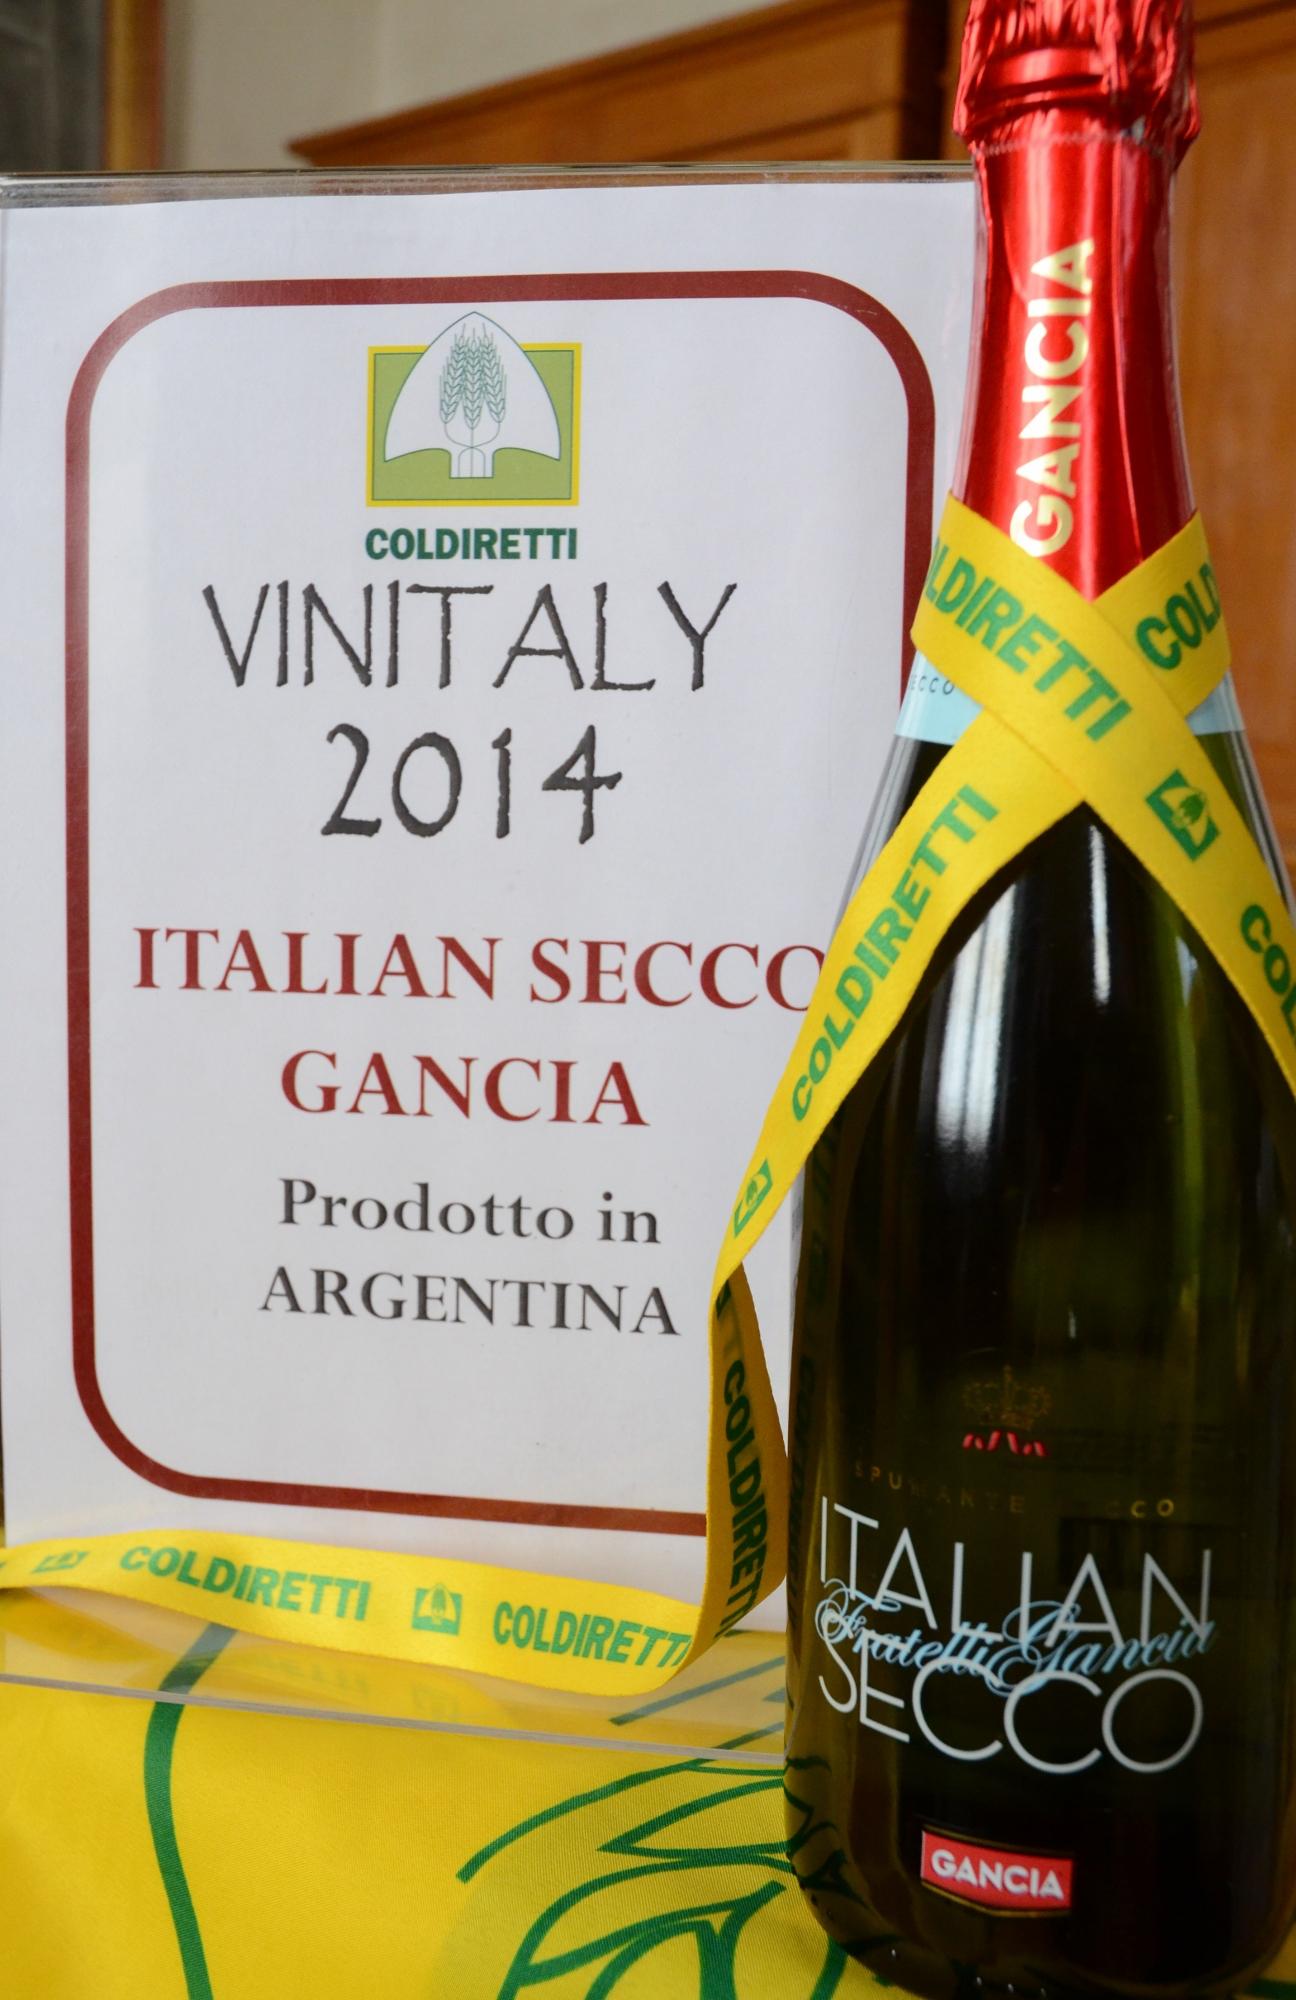 """gancia argentino AL VINITALY 2014 LO SCANDALO """"ITALIAN SECCO"""" prodotto da Gancia in Argentina"""